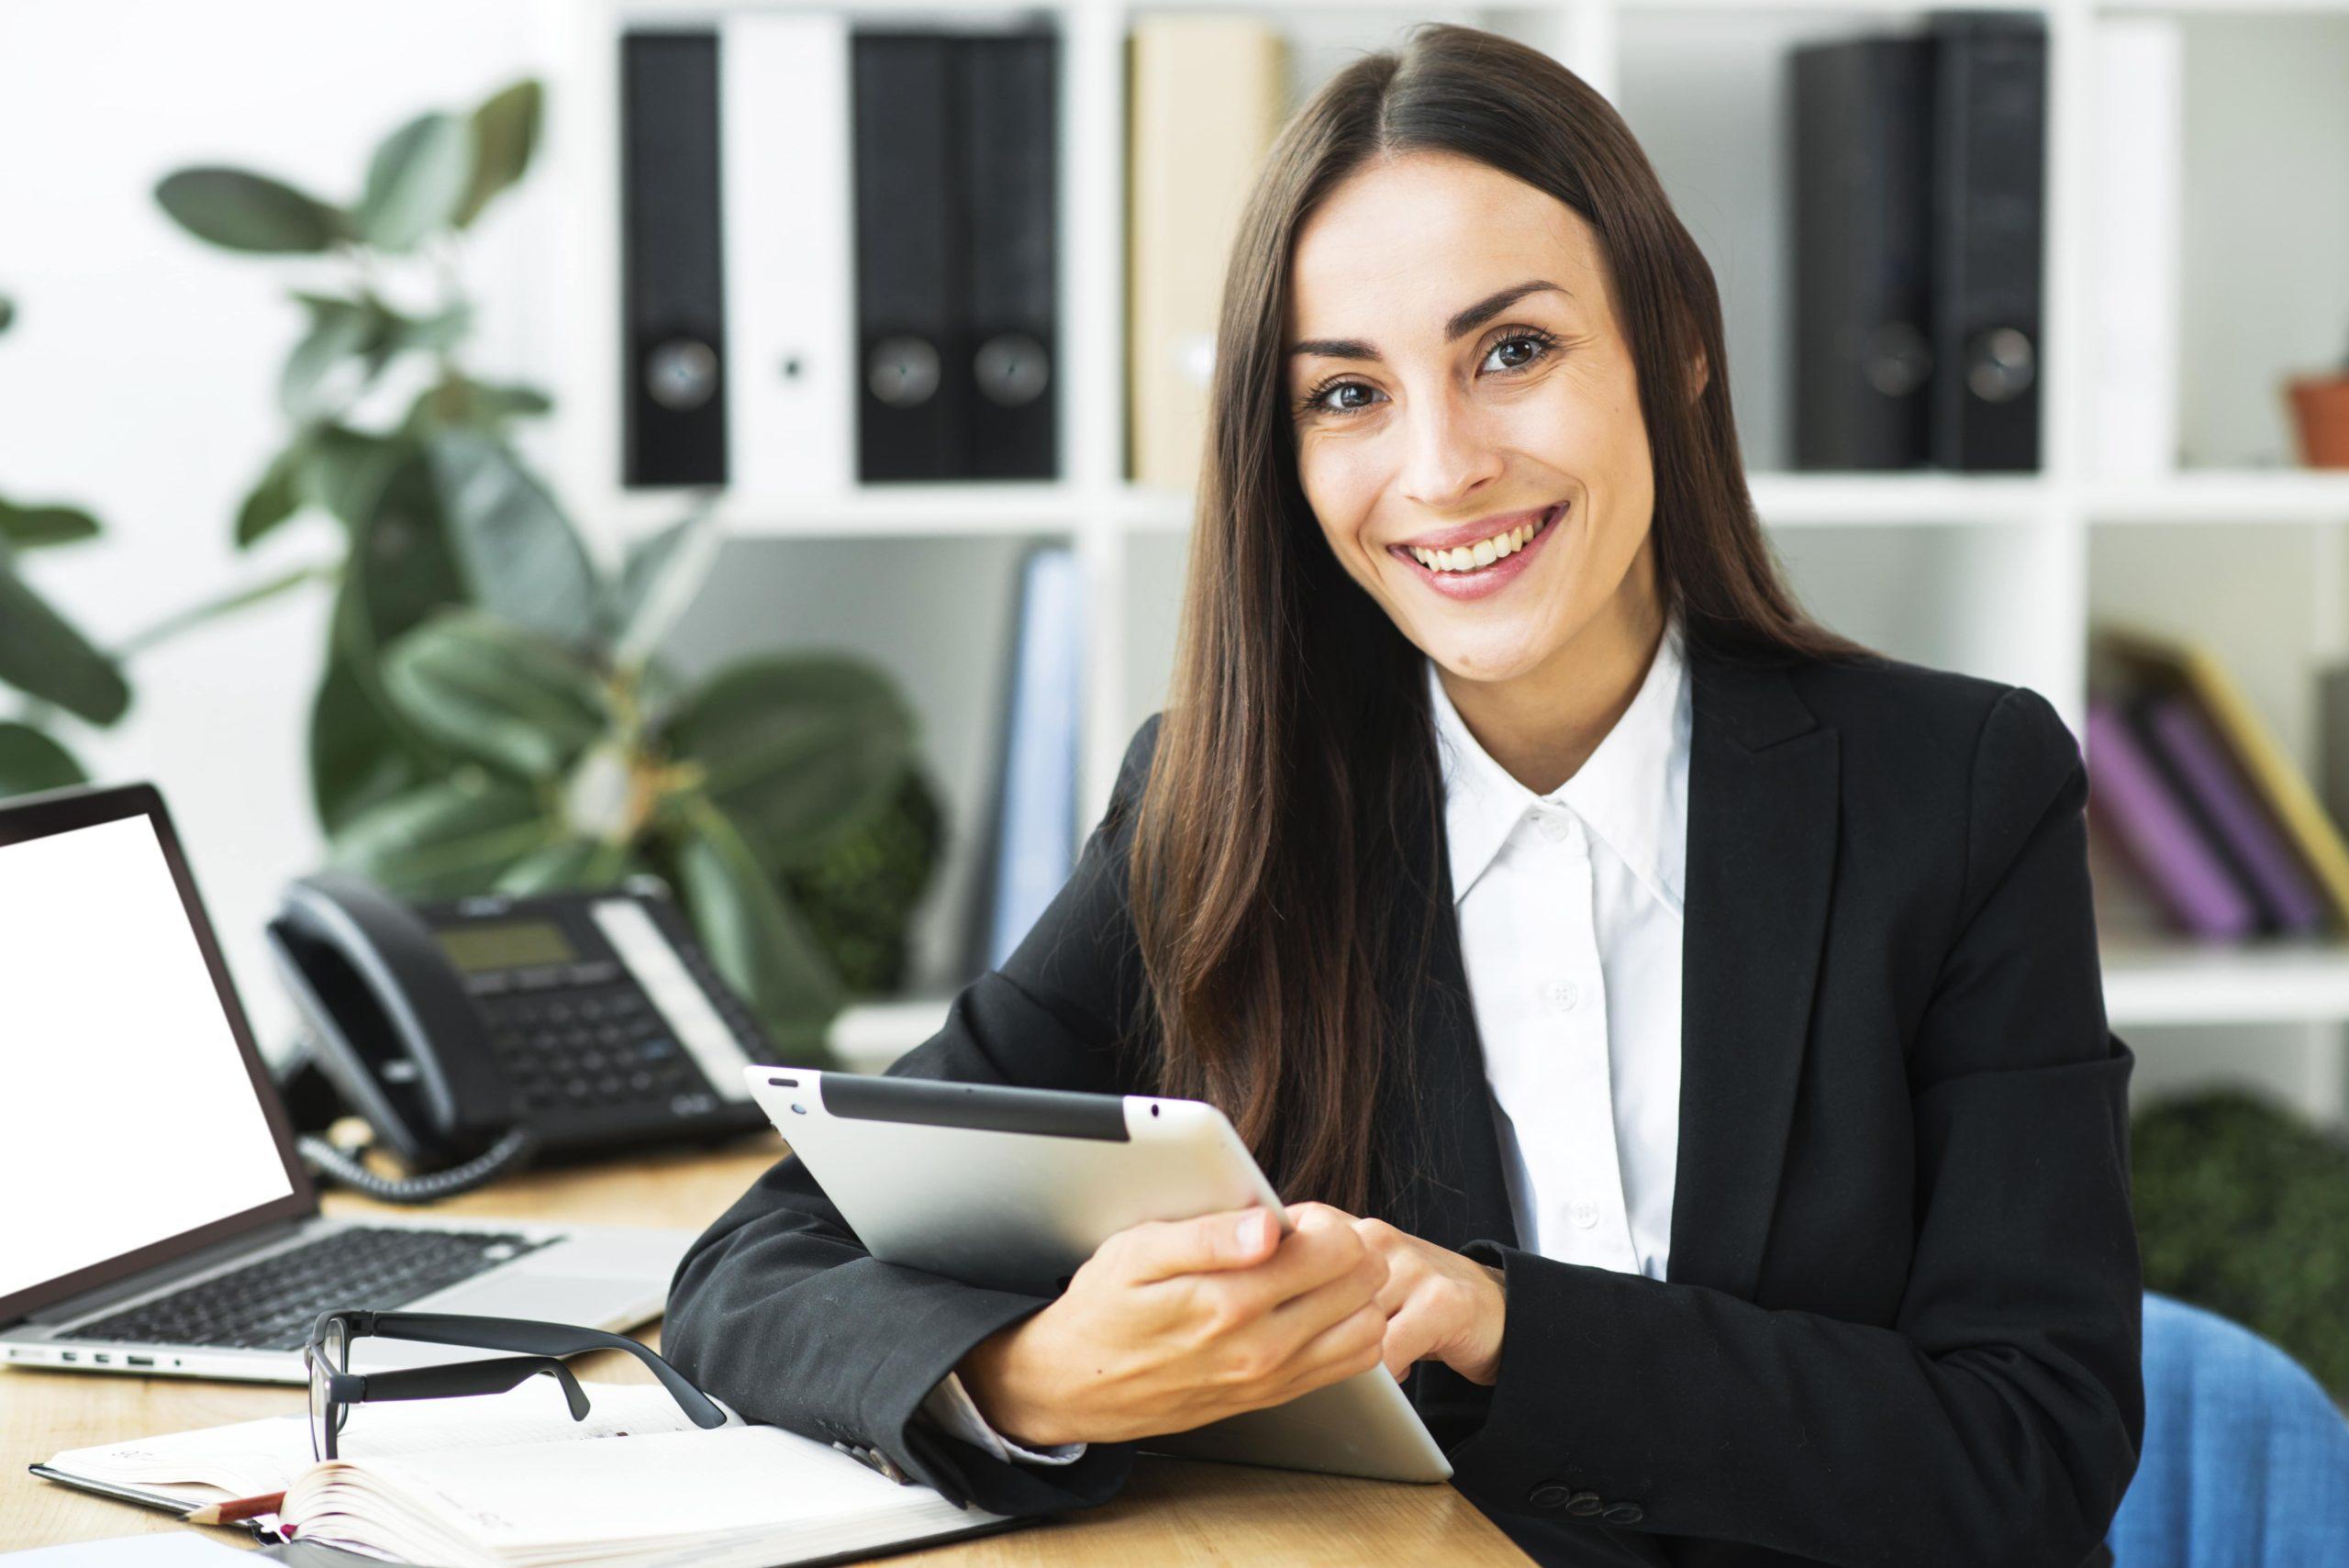 Cinco benefícios de começar um negócio e ser empreendedor